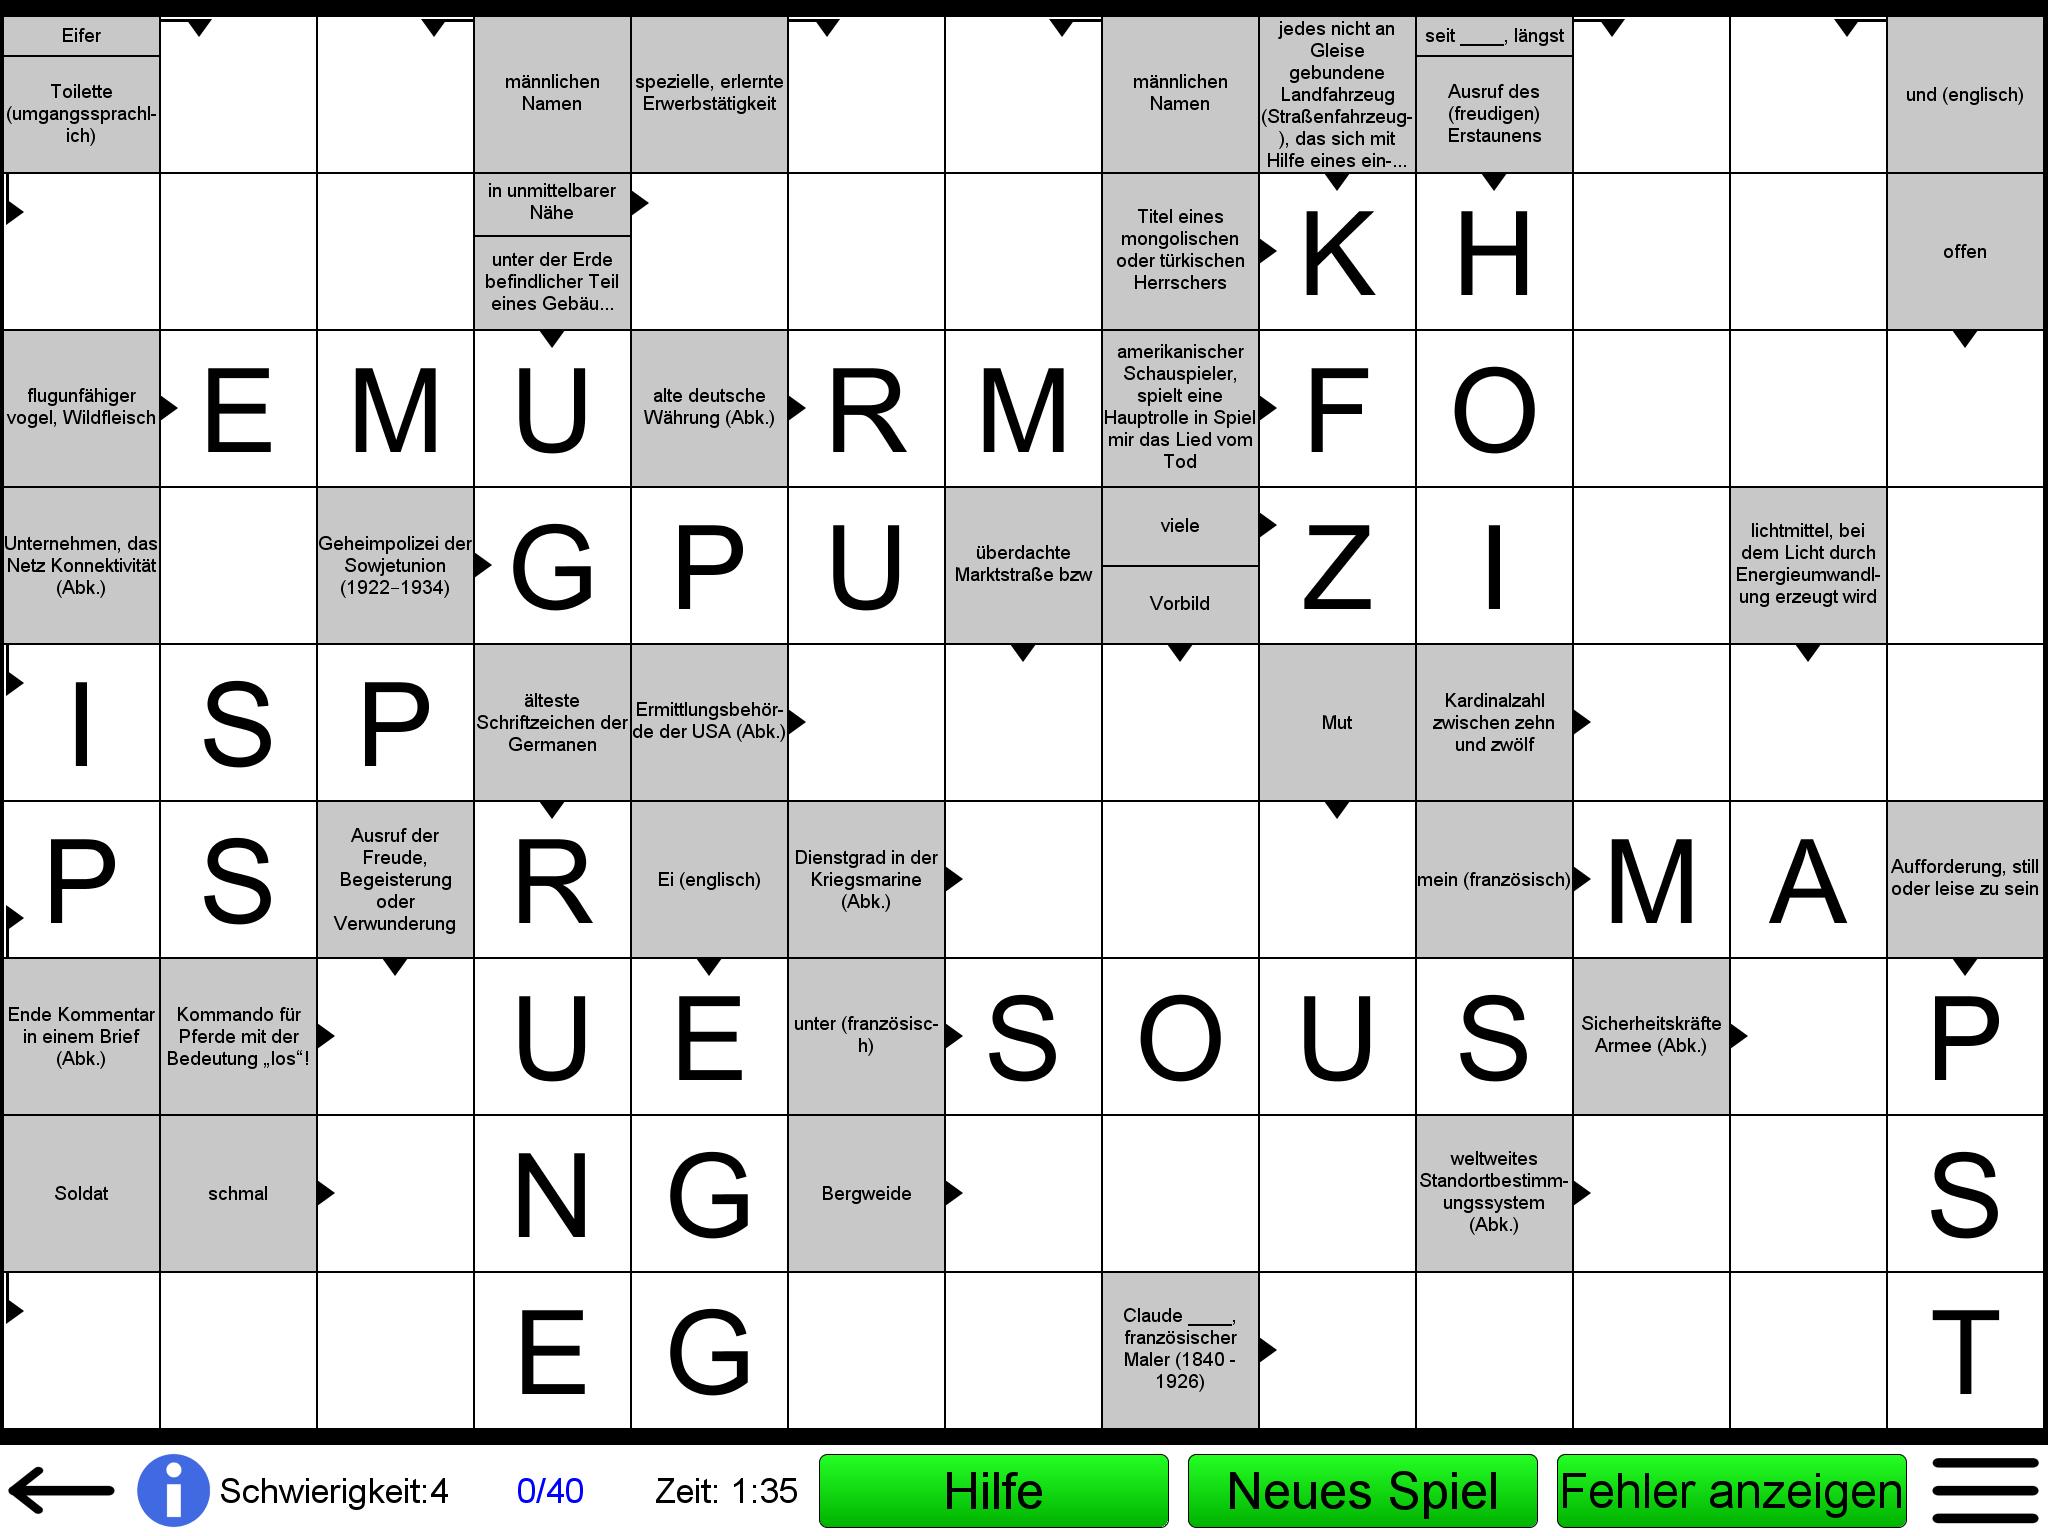 Schwierigkeit Kreuzworträtsel